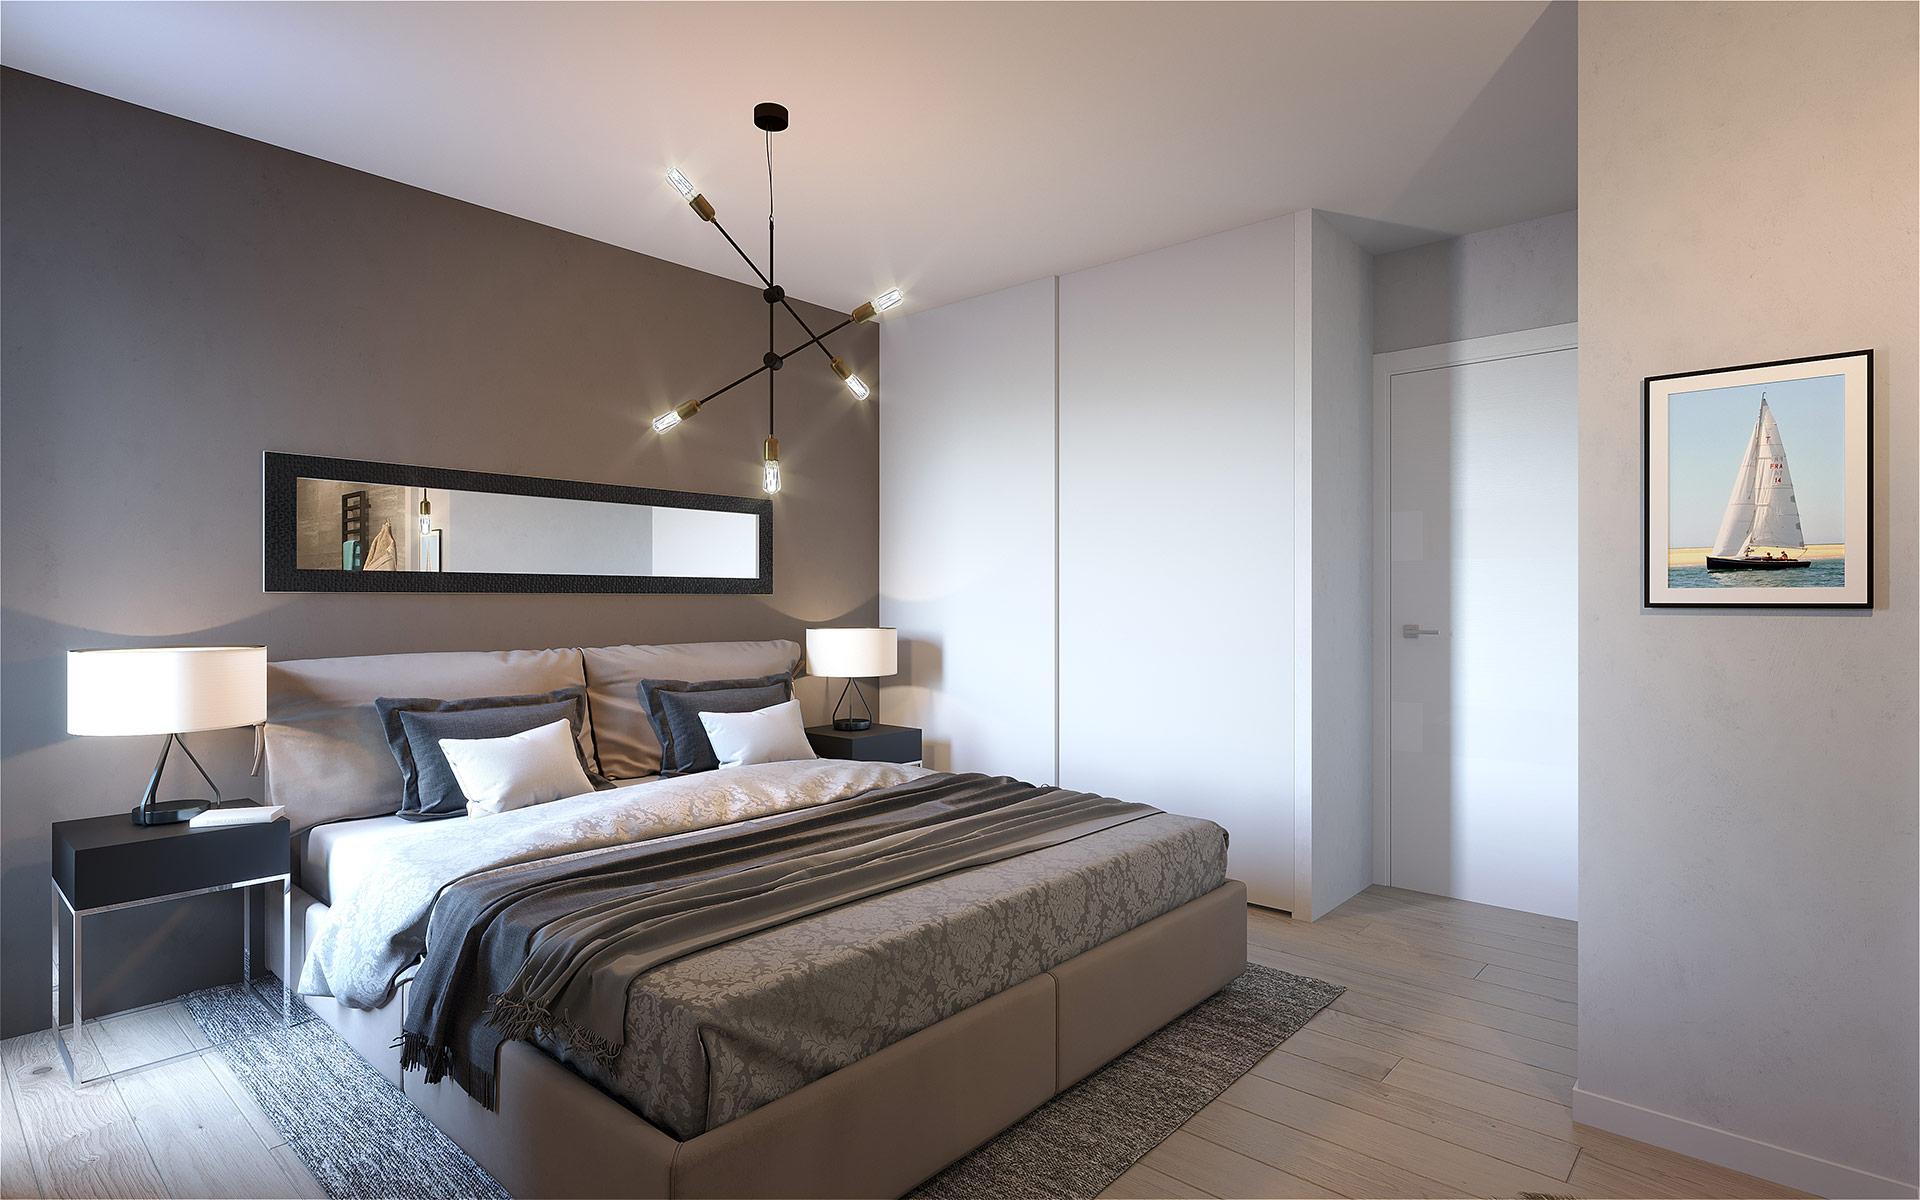 3D bedroom render for real-estate development